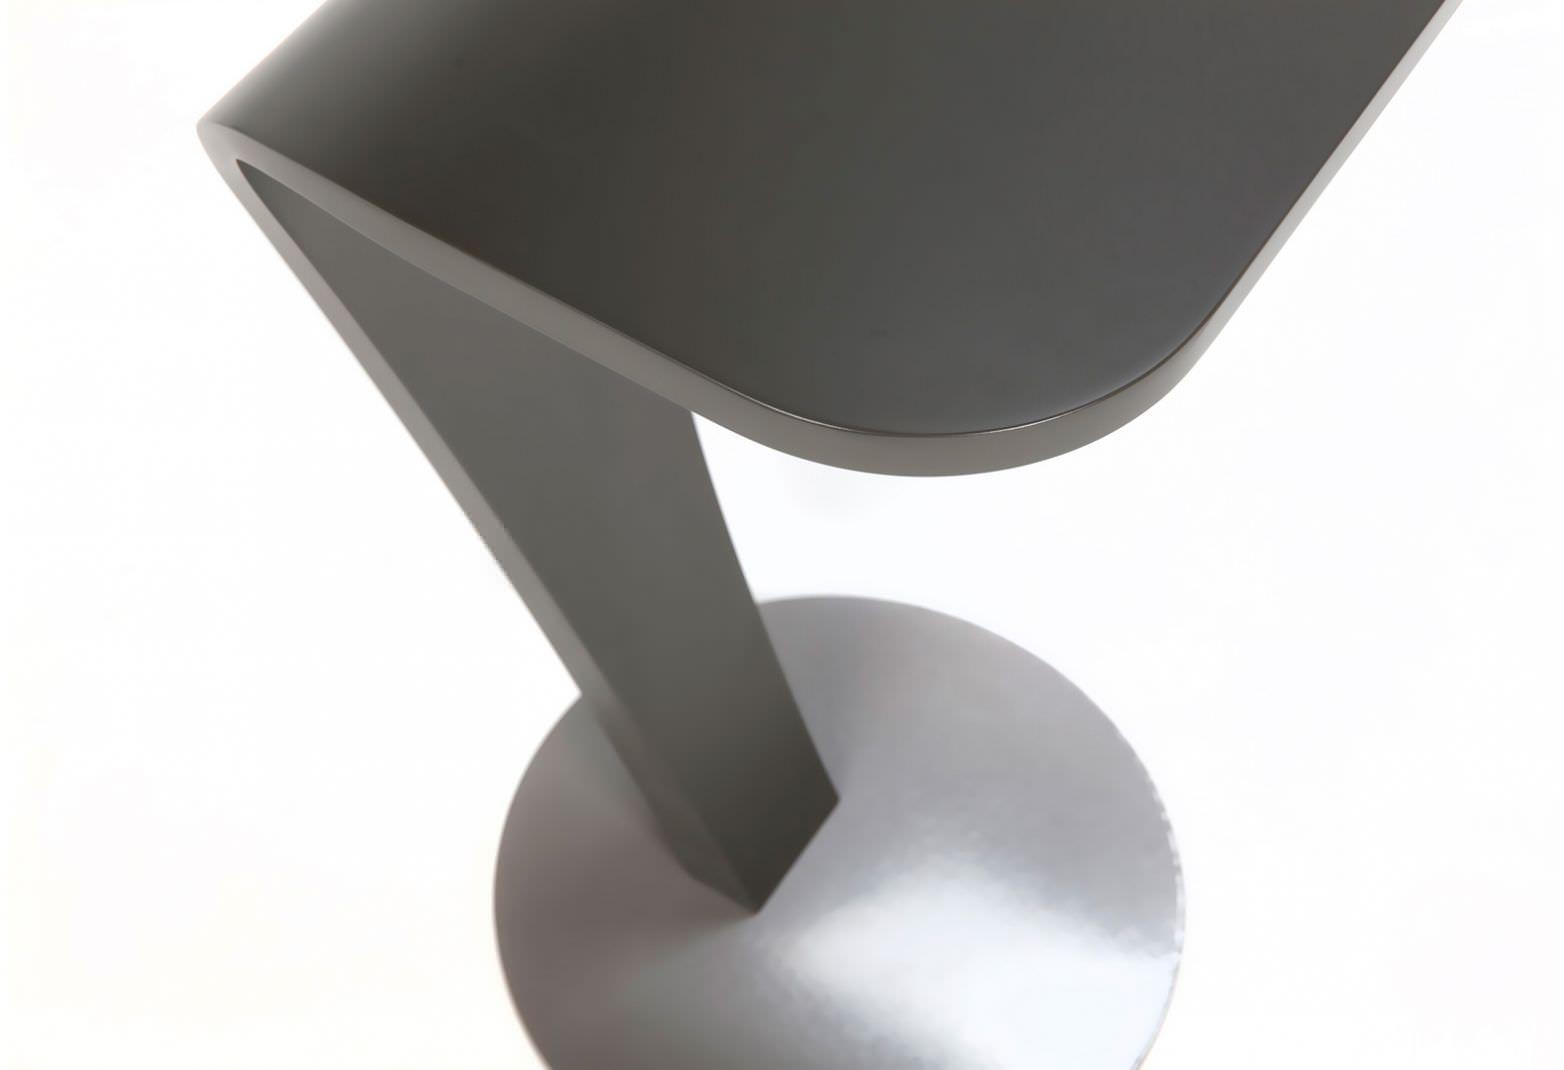 Dutch Design Moderner Beistelltisch Holz Metall Rund Cobra By Kees Marcelis Odesi